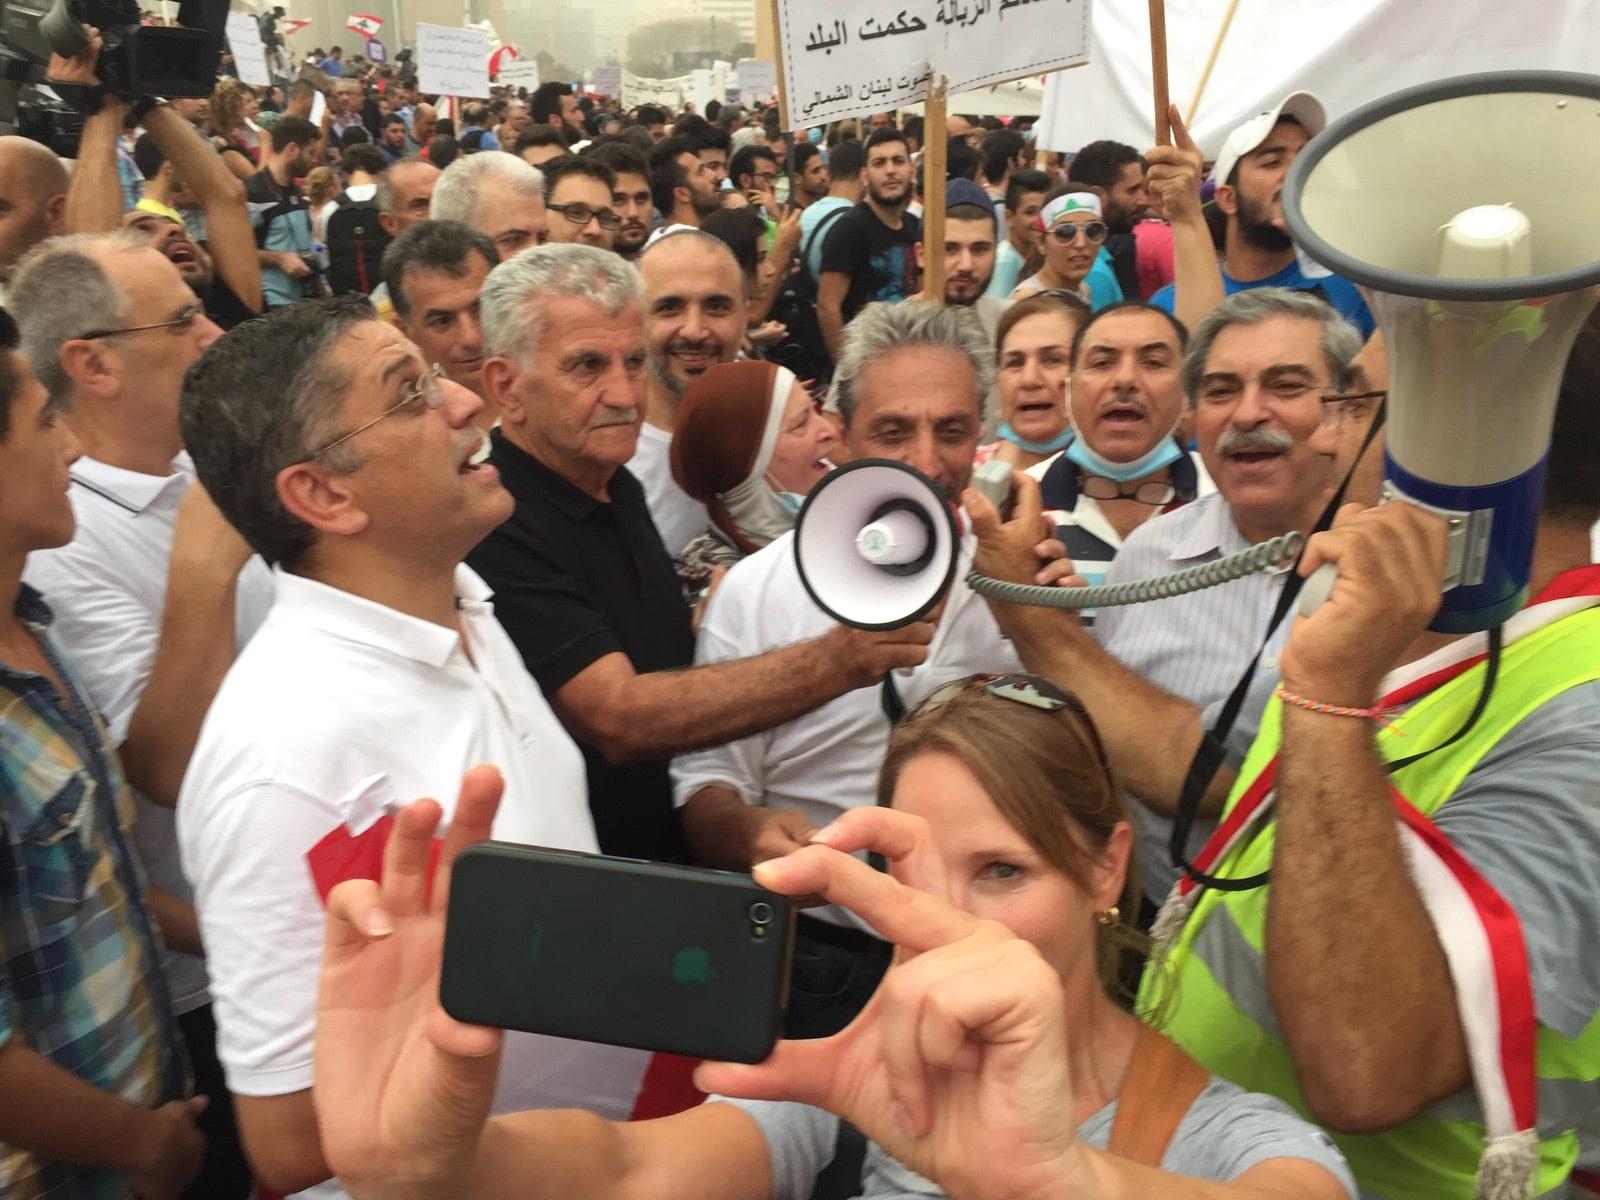 رئيس جمعية بوزار يهتف في مظاهرة ضد ثقافة  الفساد